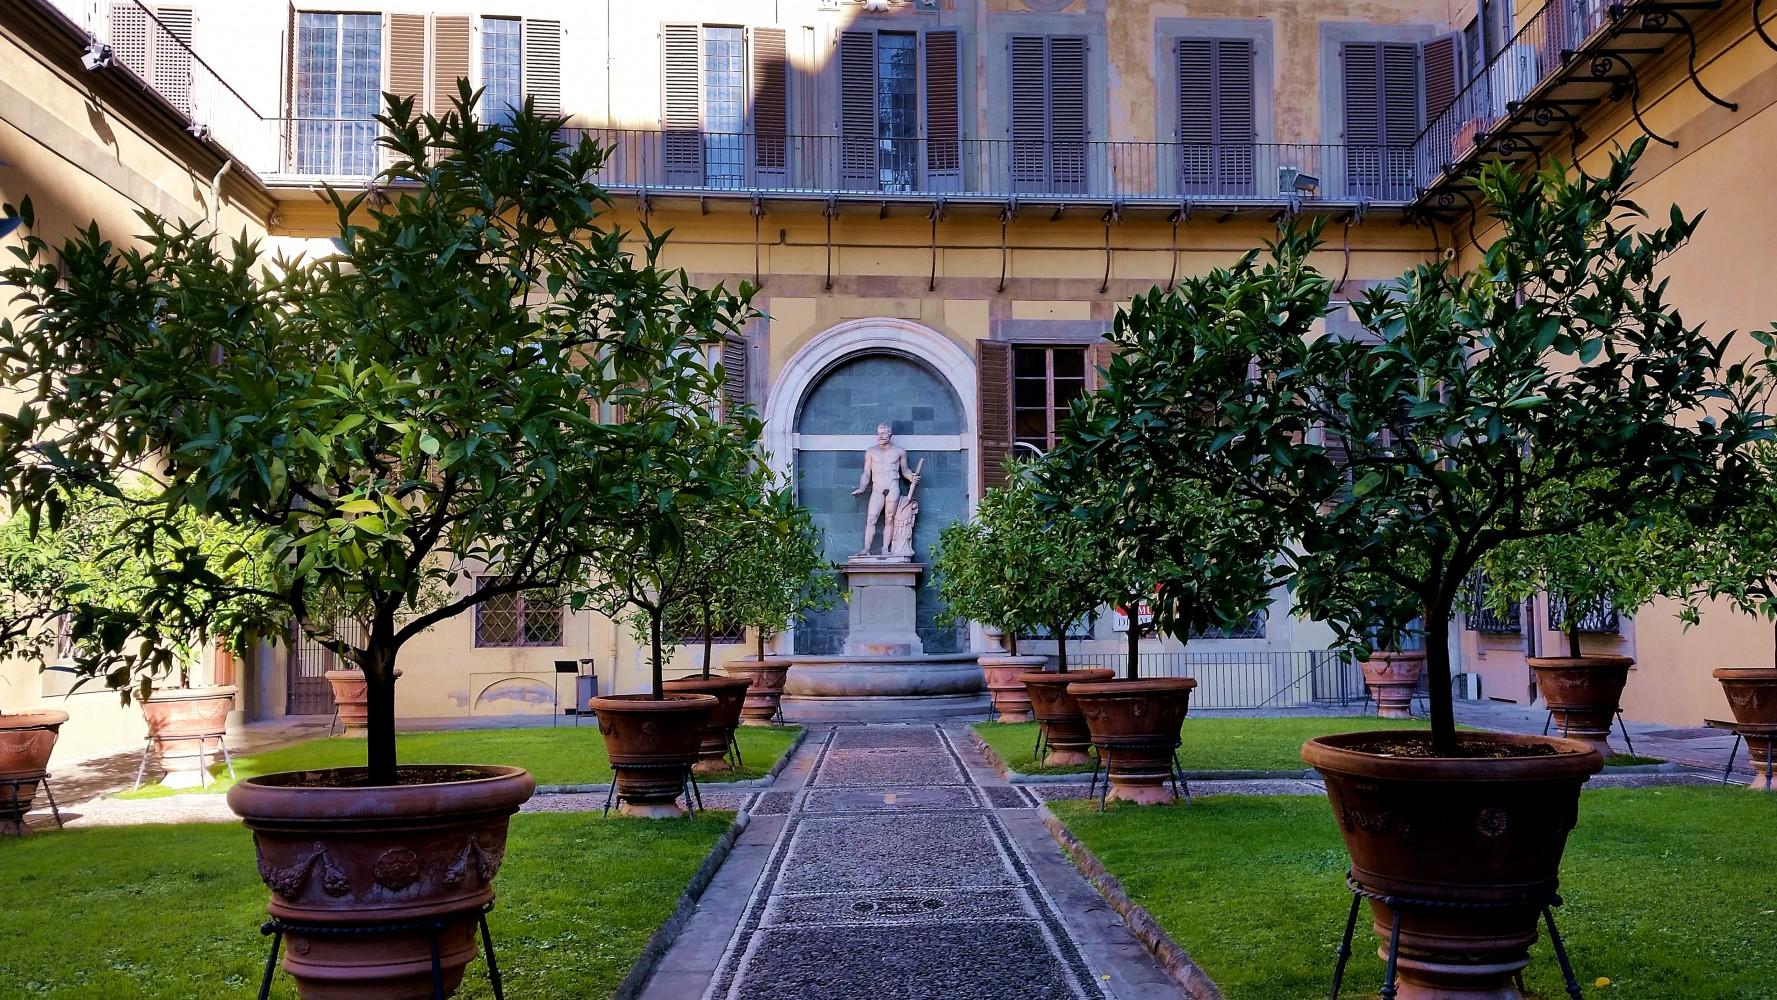 Visita guidata privata palazzo medici riccardi firenze for Piani di coperta del cortile